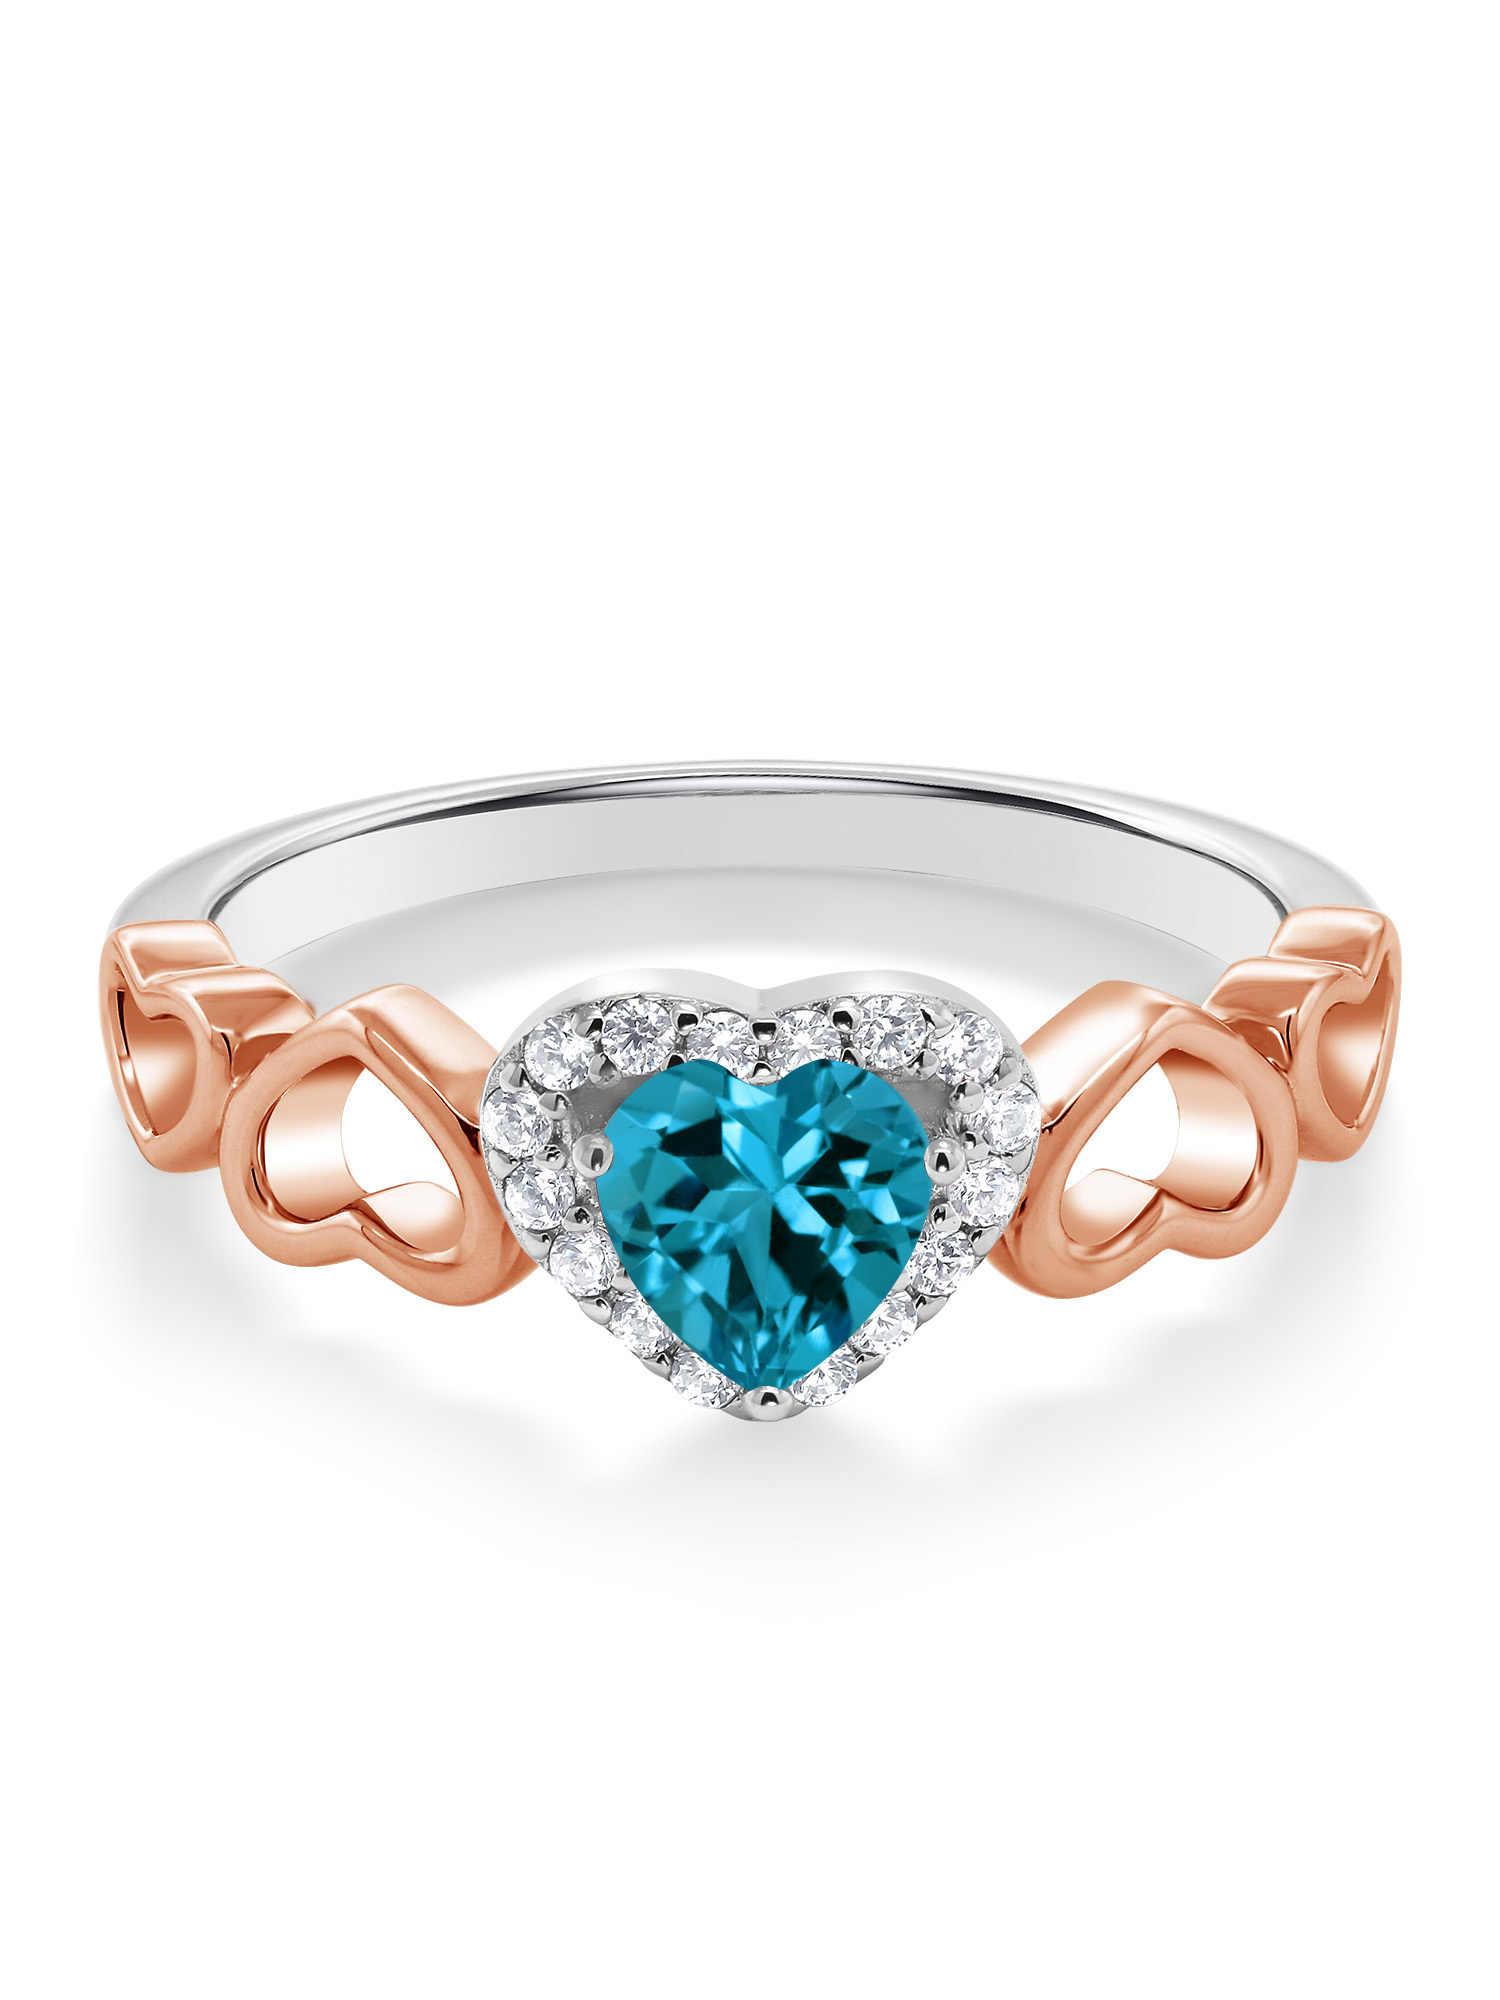 GemStoneKing 0.71 Ct شكل قلب الطبيعية لندن الأزرق توباز 925 فضة و 10K خاتم الذهب الوردي للنساء غرامة مجوهرات